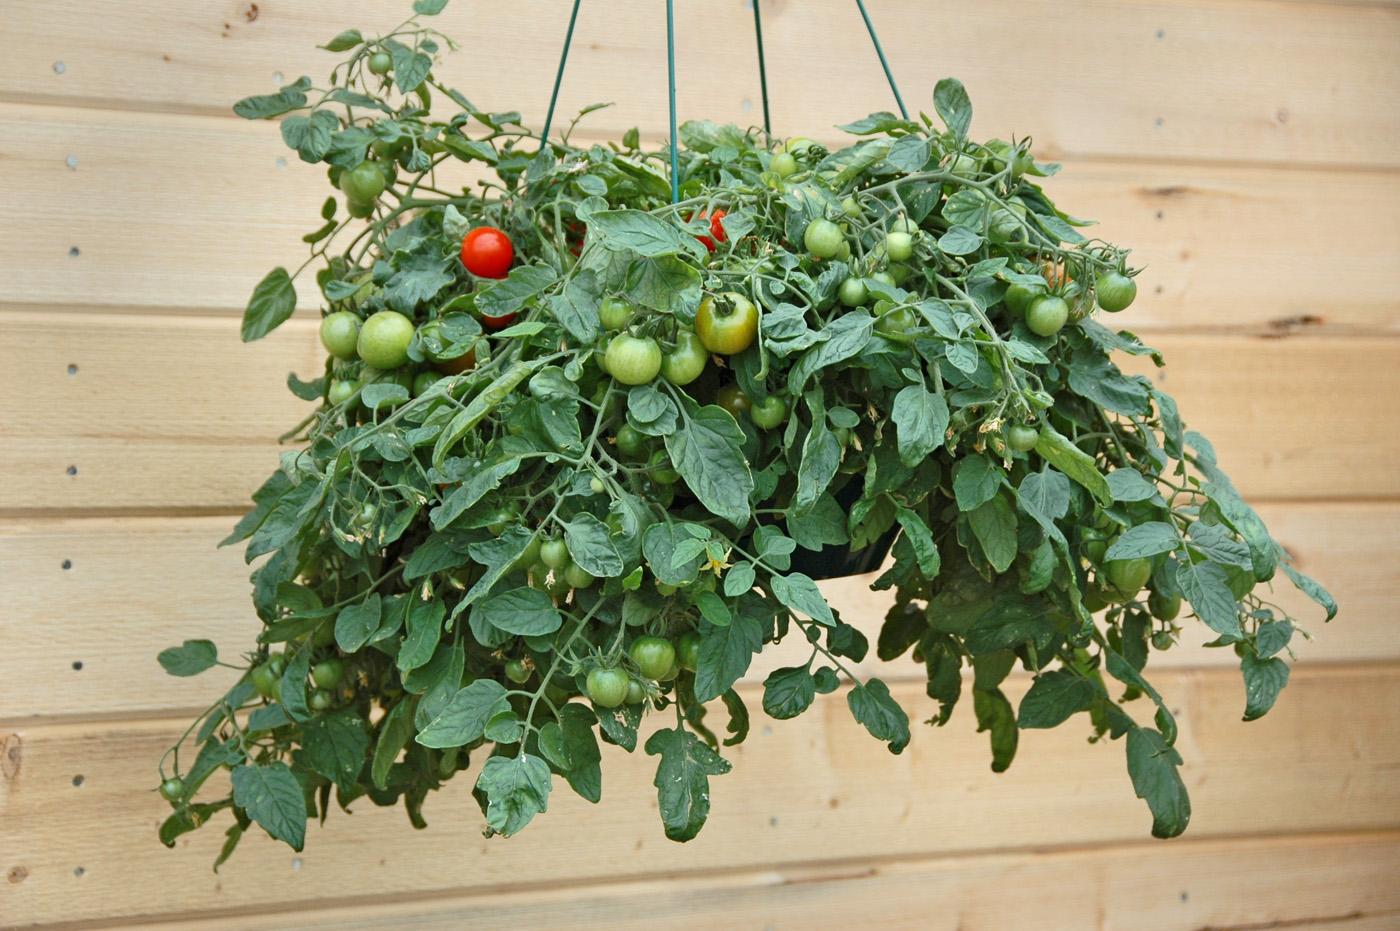 Tumbling Tom Tomatoes